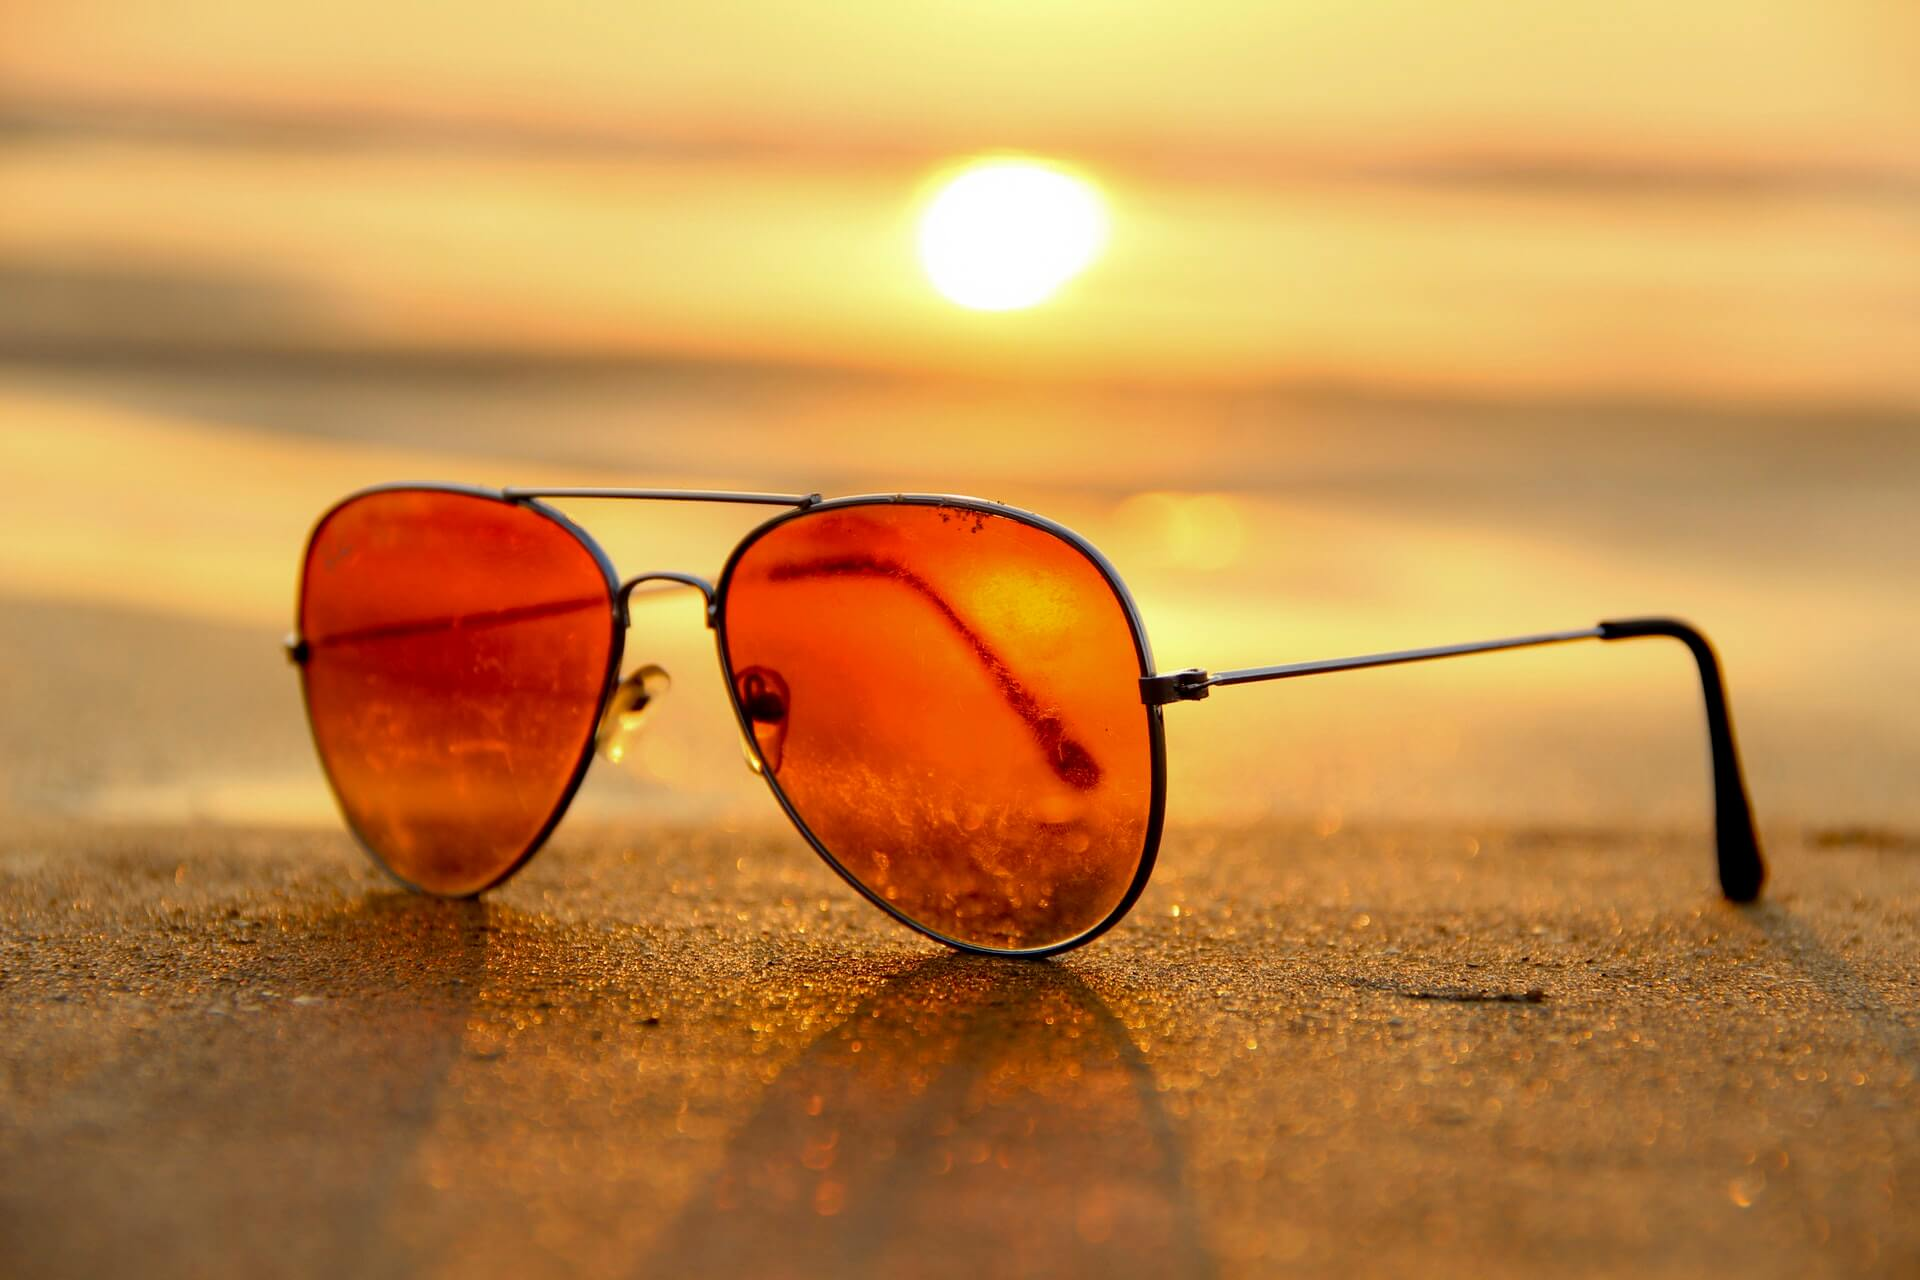 Summer sunset & sunglasses